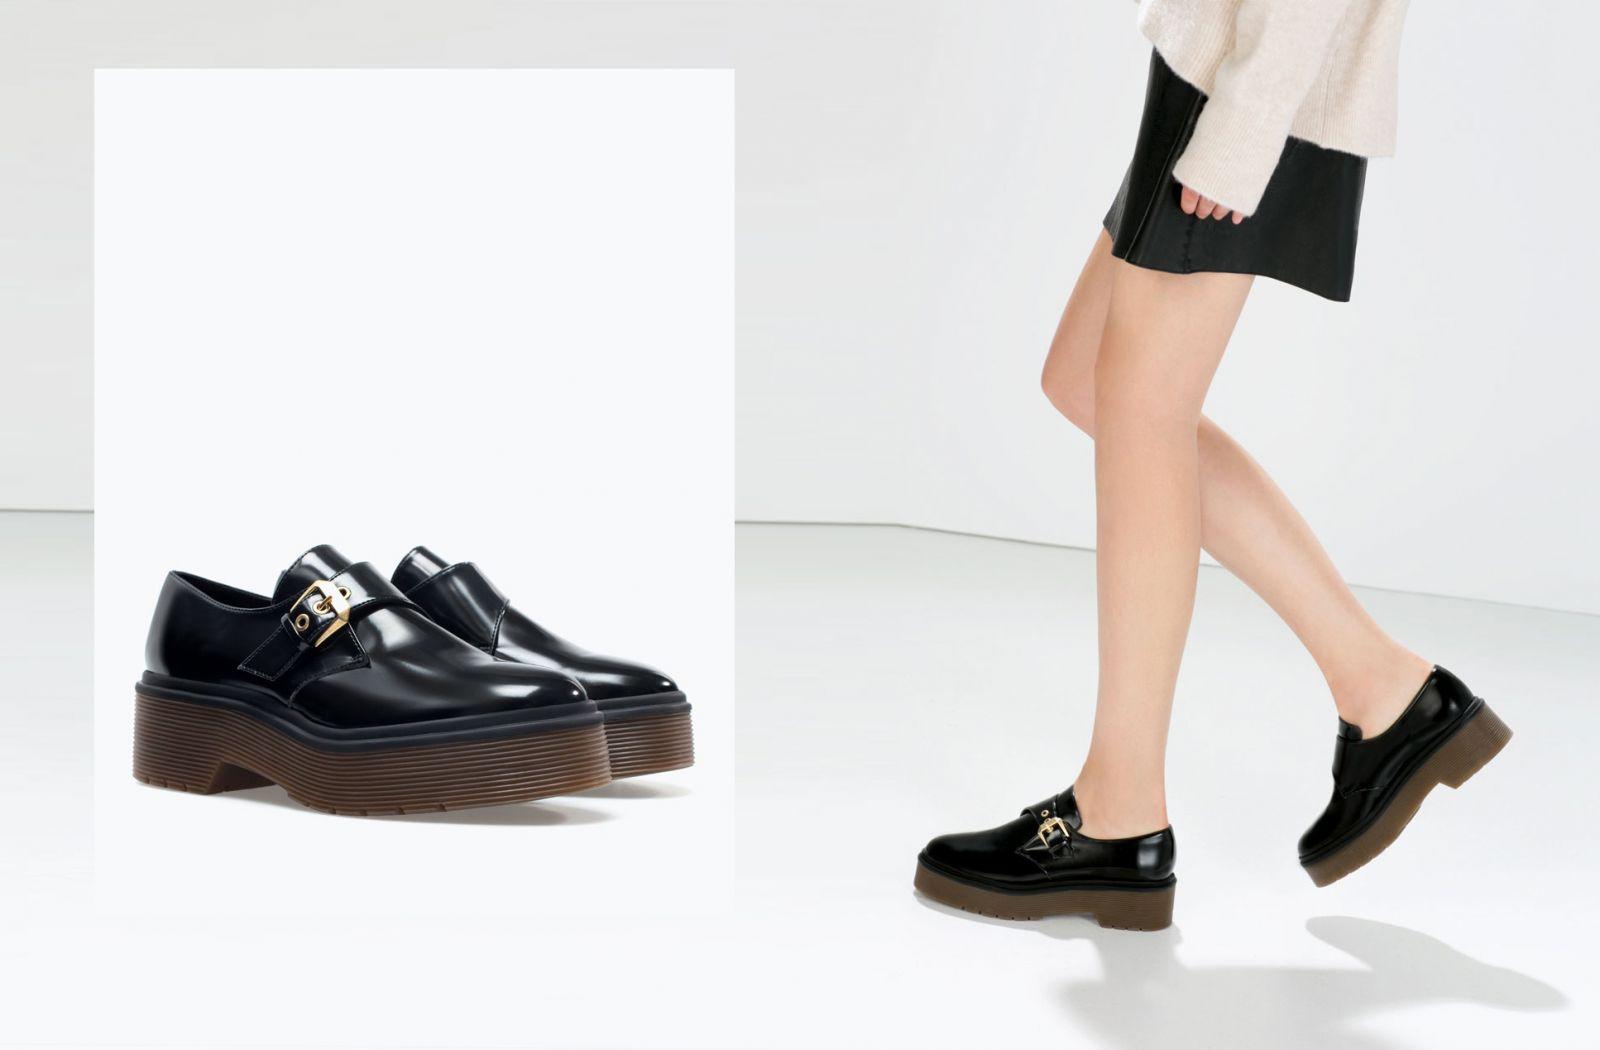 Какая обувь пригодится этой зимой - фото №2